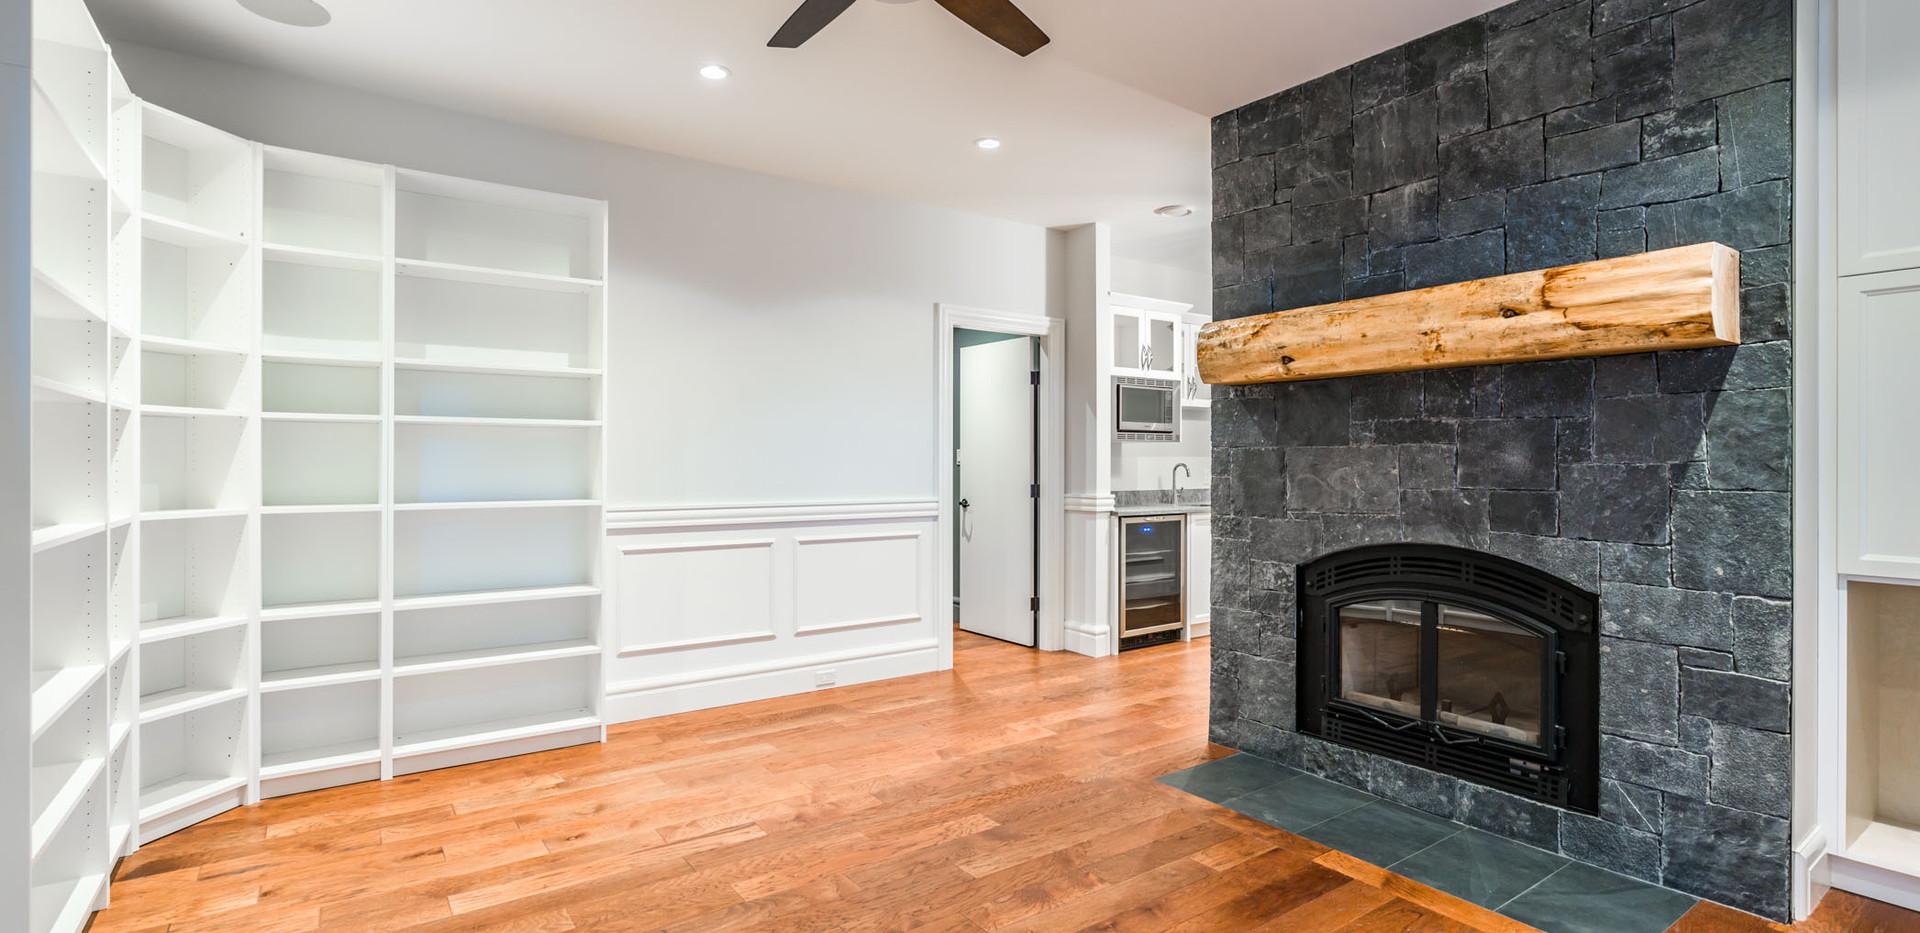 2847 Ashcraft Basement Livingroom.jpg